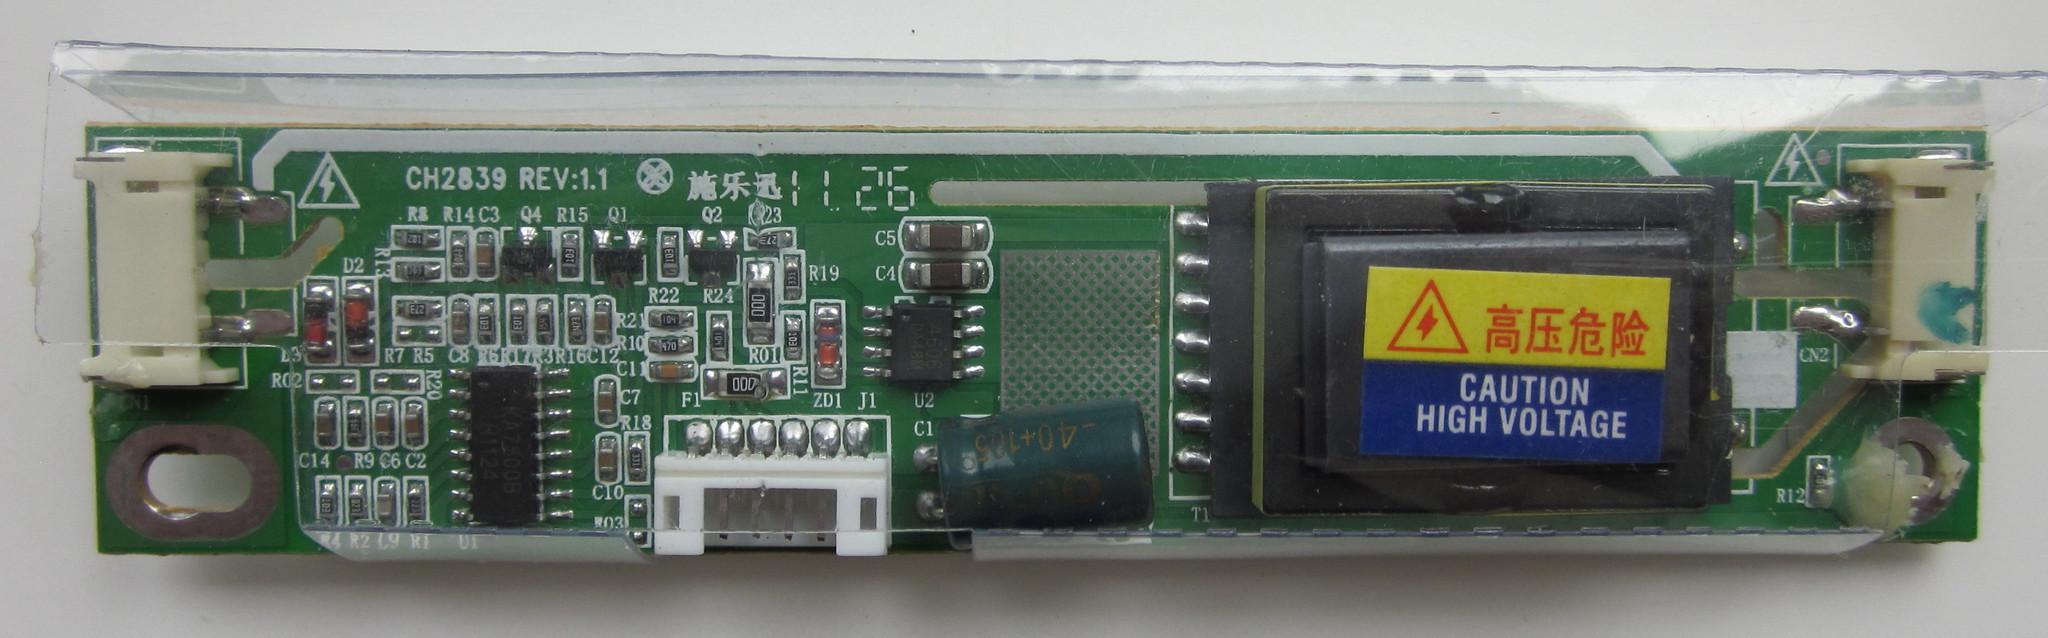 CH2839 REV:1.1